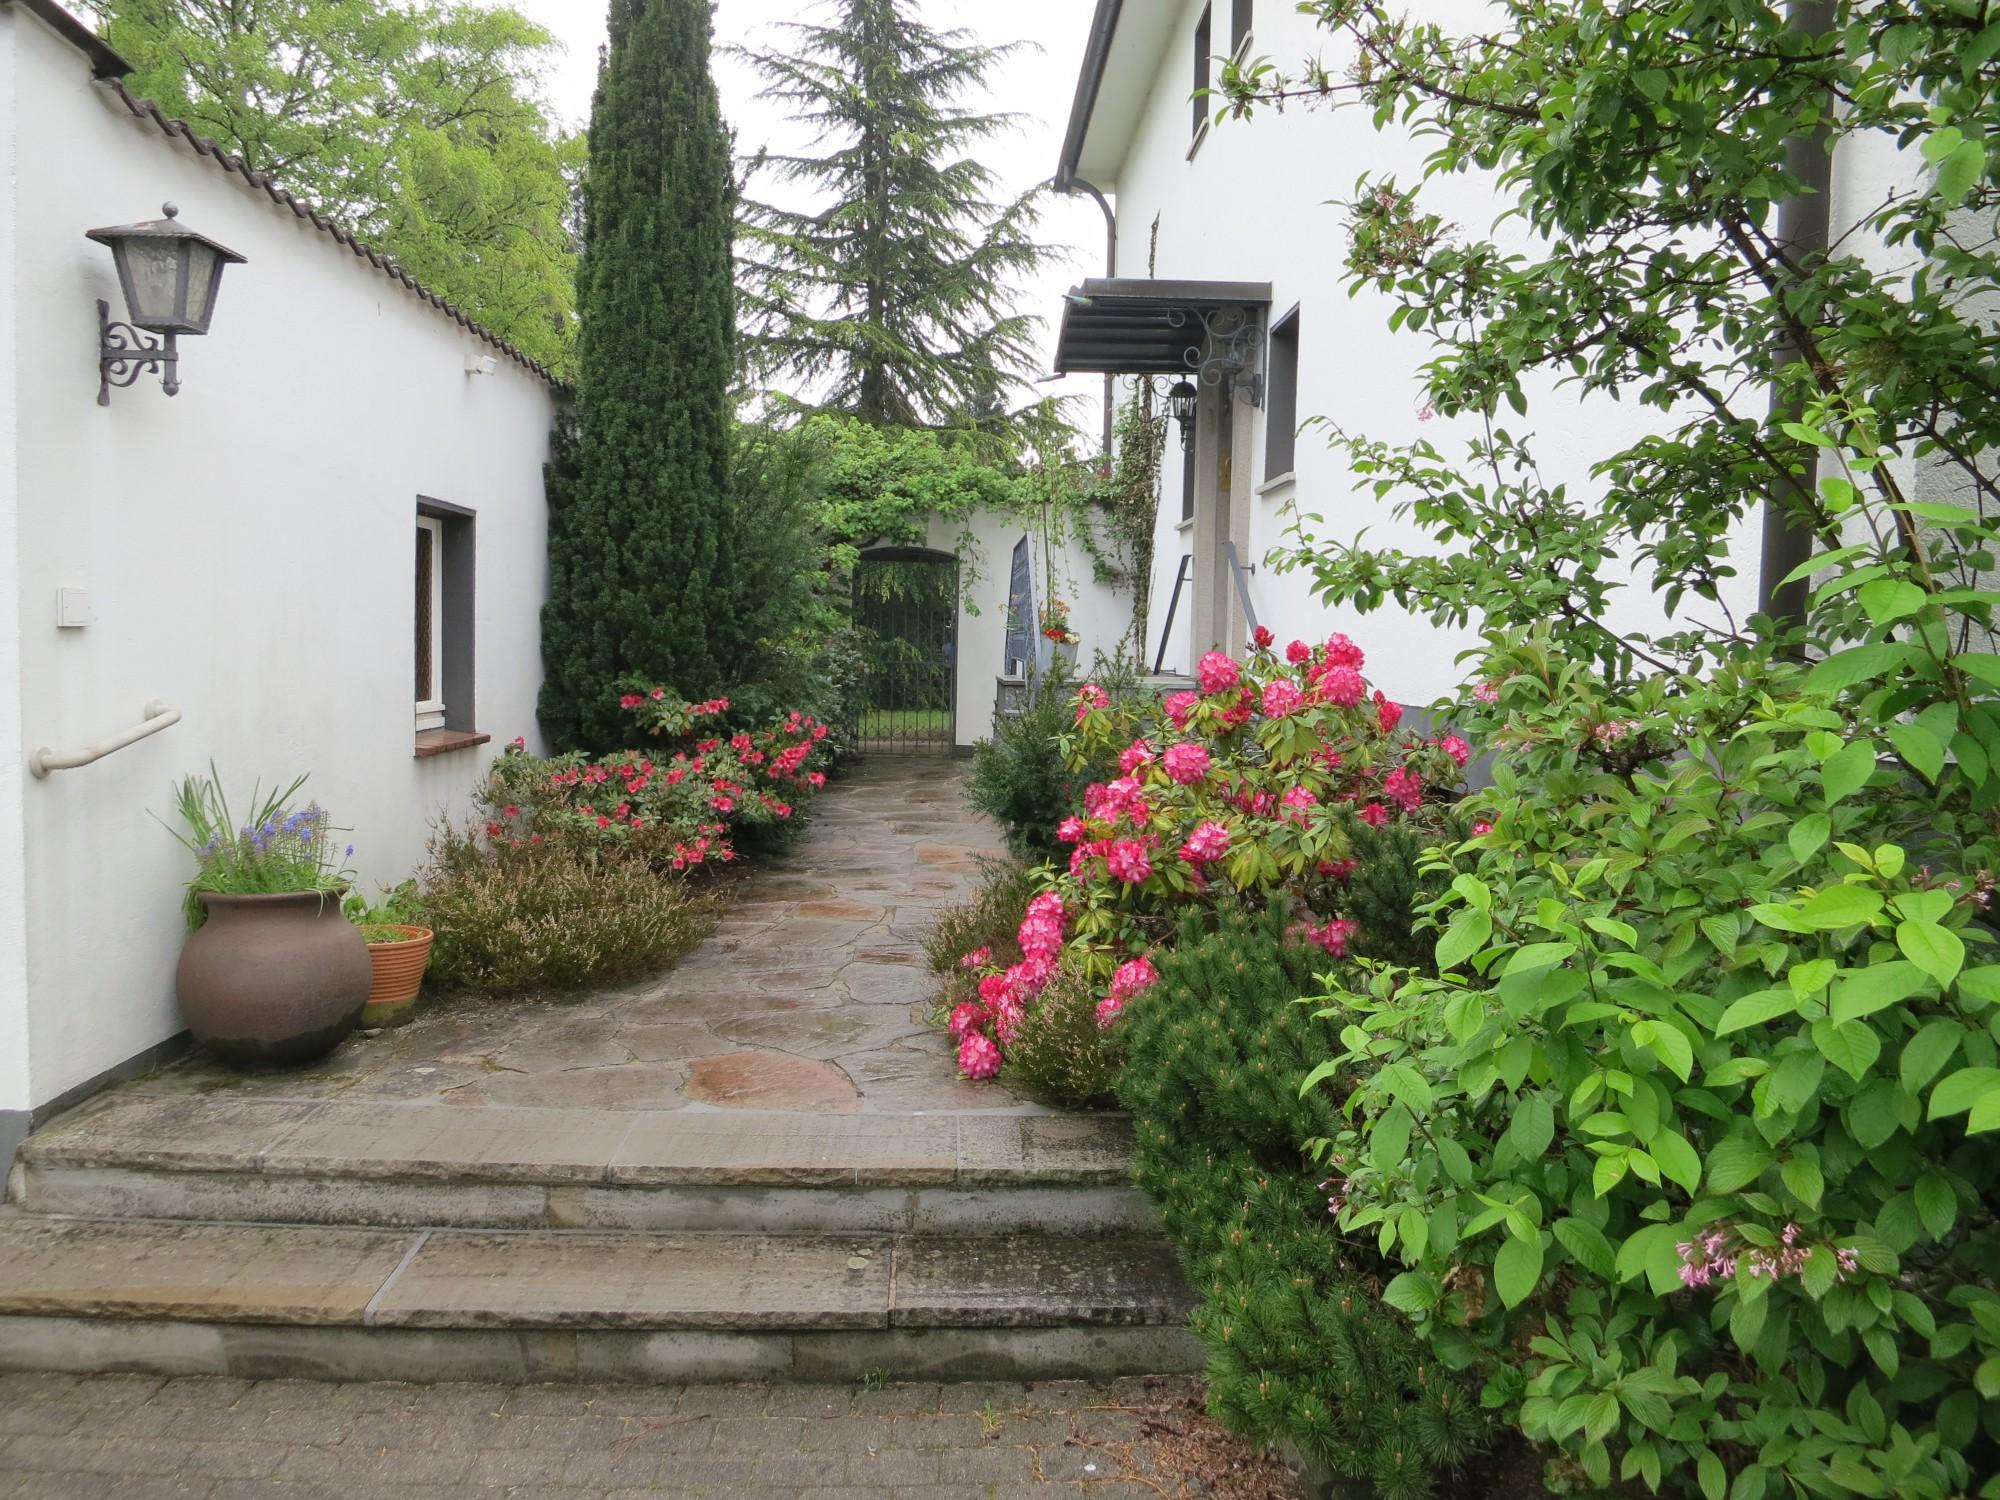 villa hoxbach gemeinsam besser leben in hilden auf wohnen im. Black Bedroom Furniture Sets. Home Design Ideas